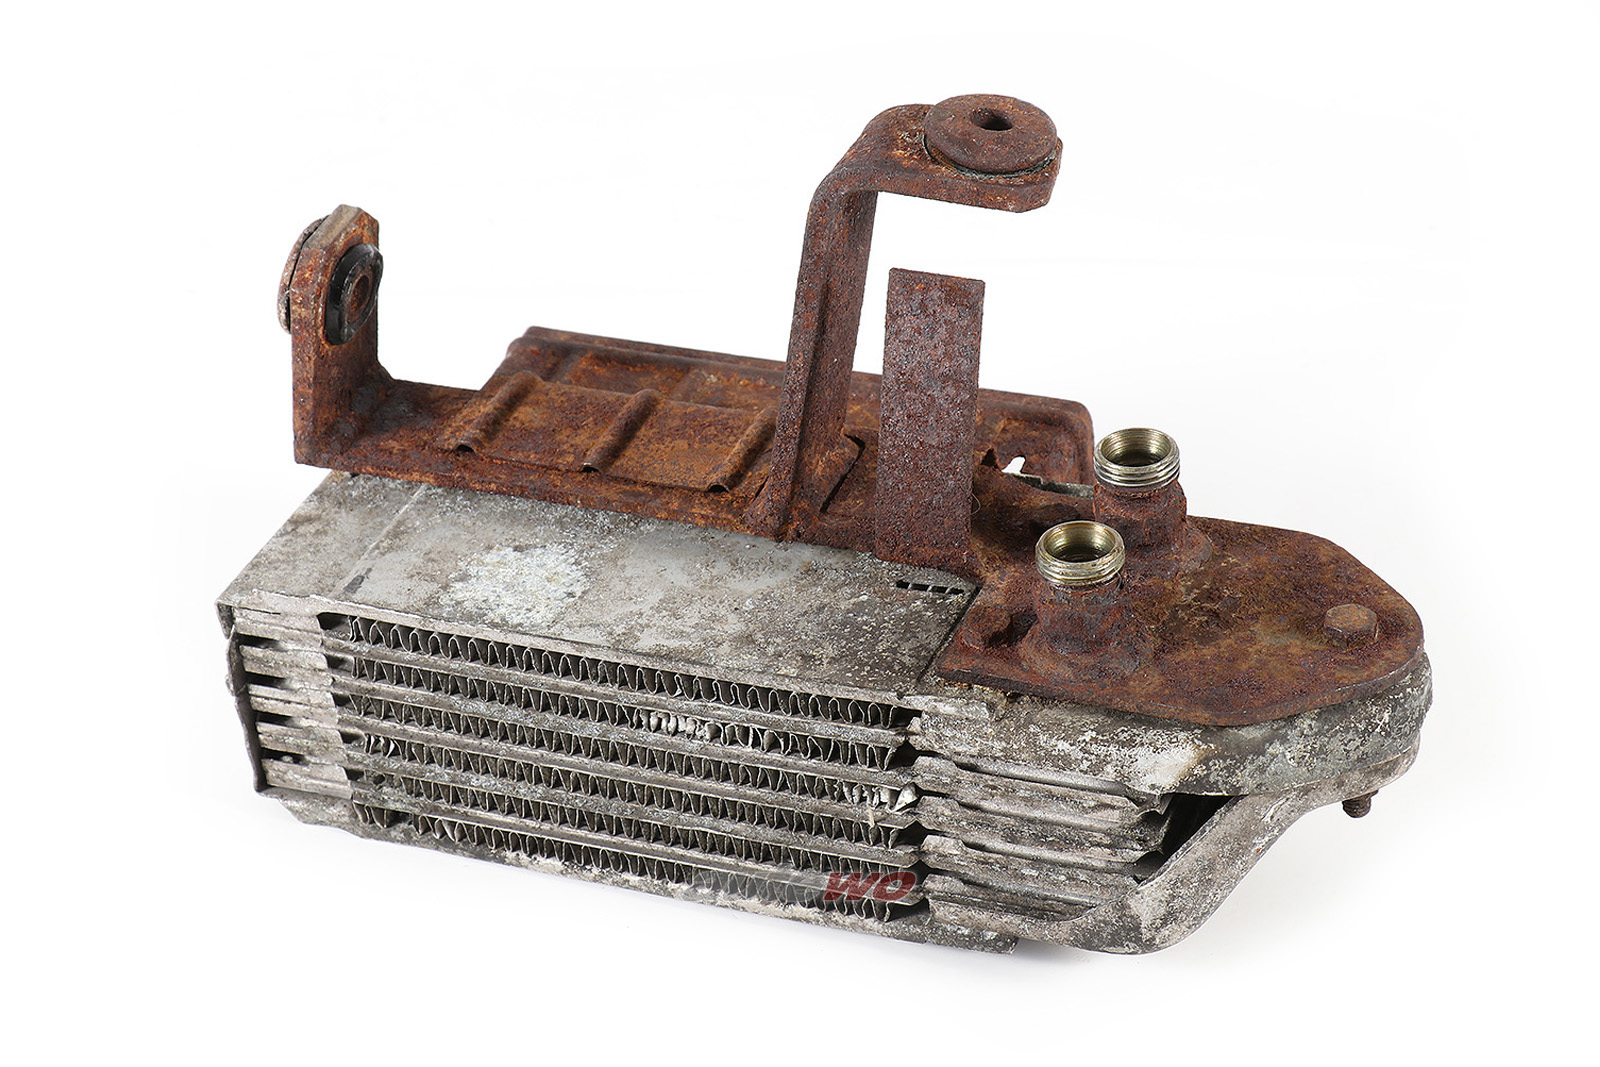 113117021 X/035117185C Audi 100/200 Typ 44 2.2/2.3l Motor-Ölkühler